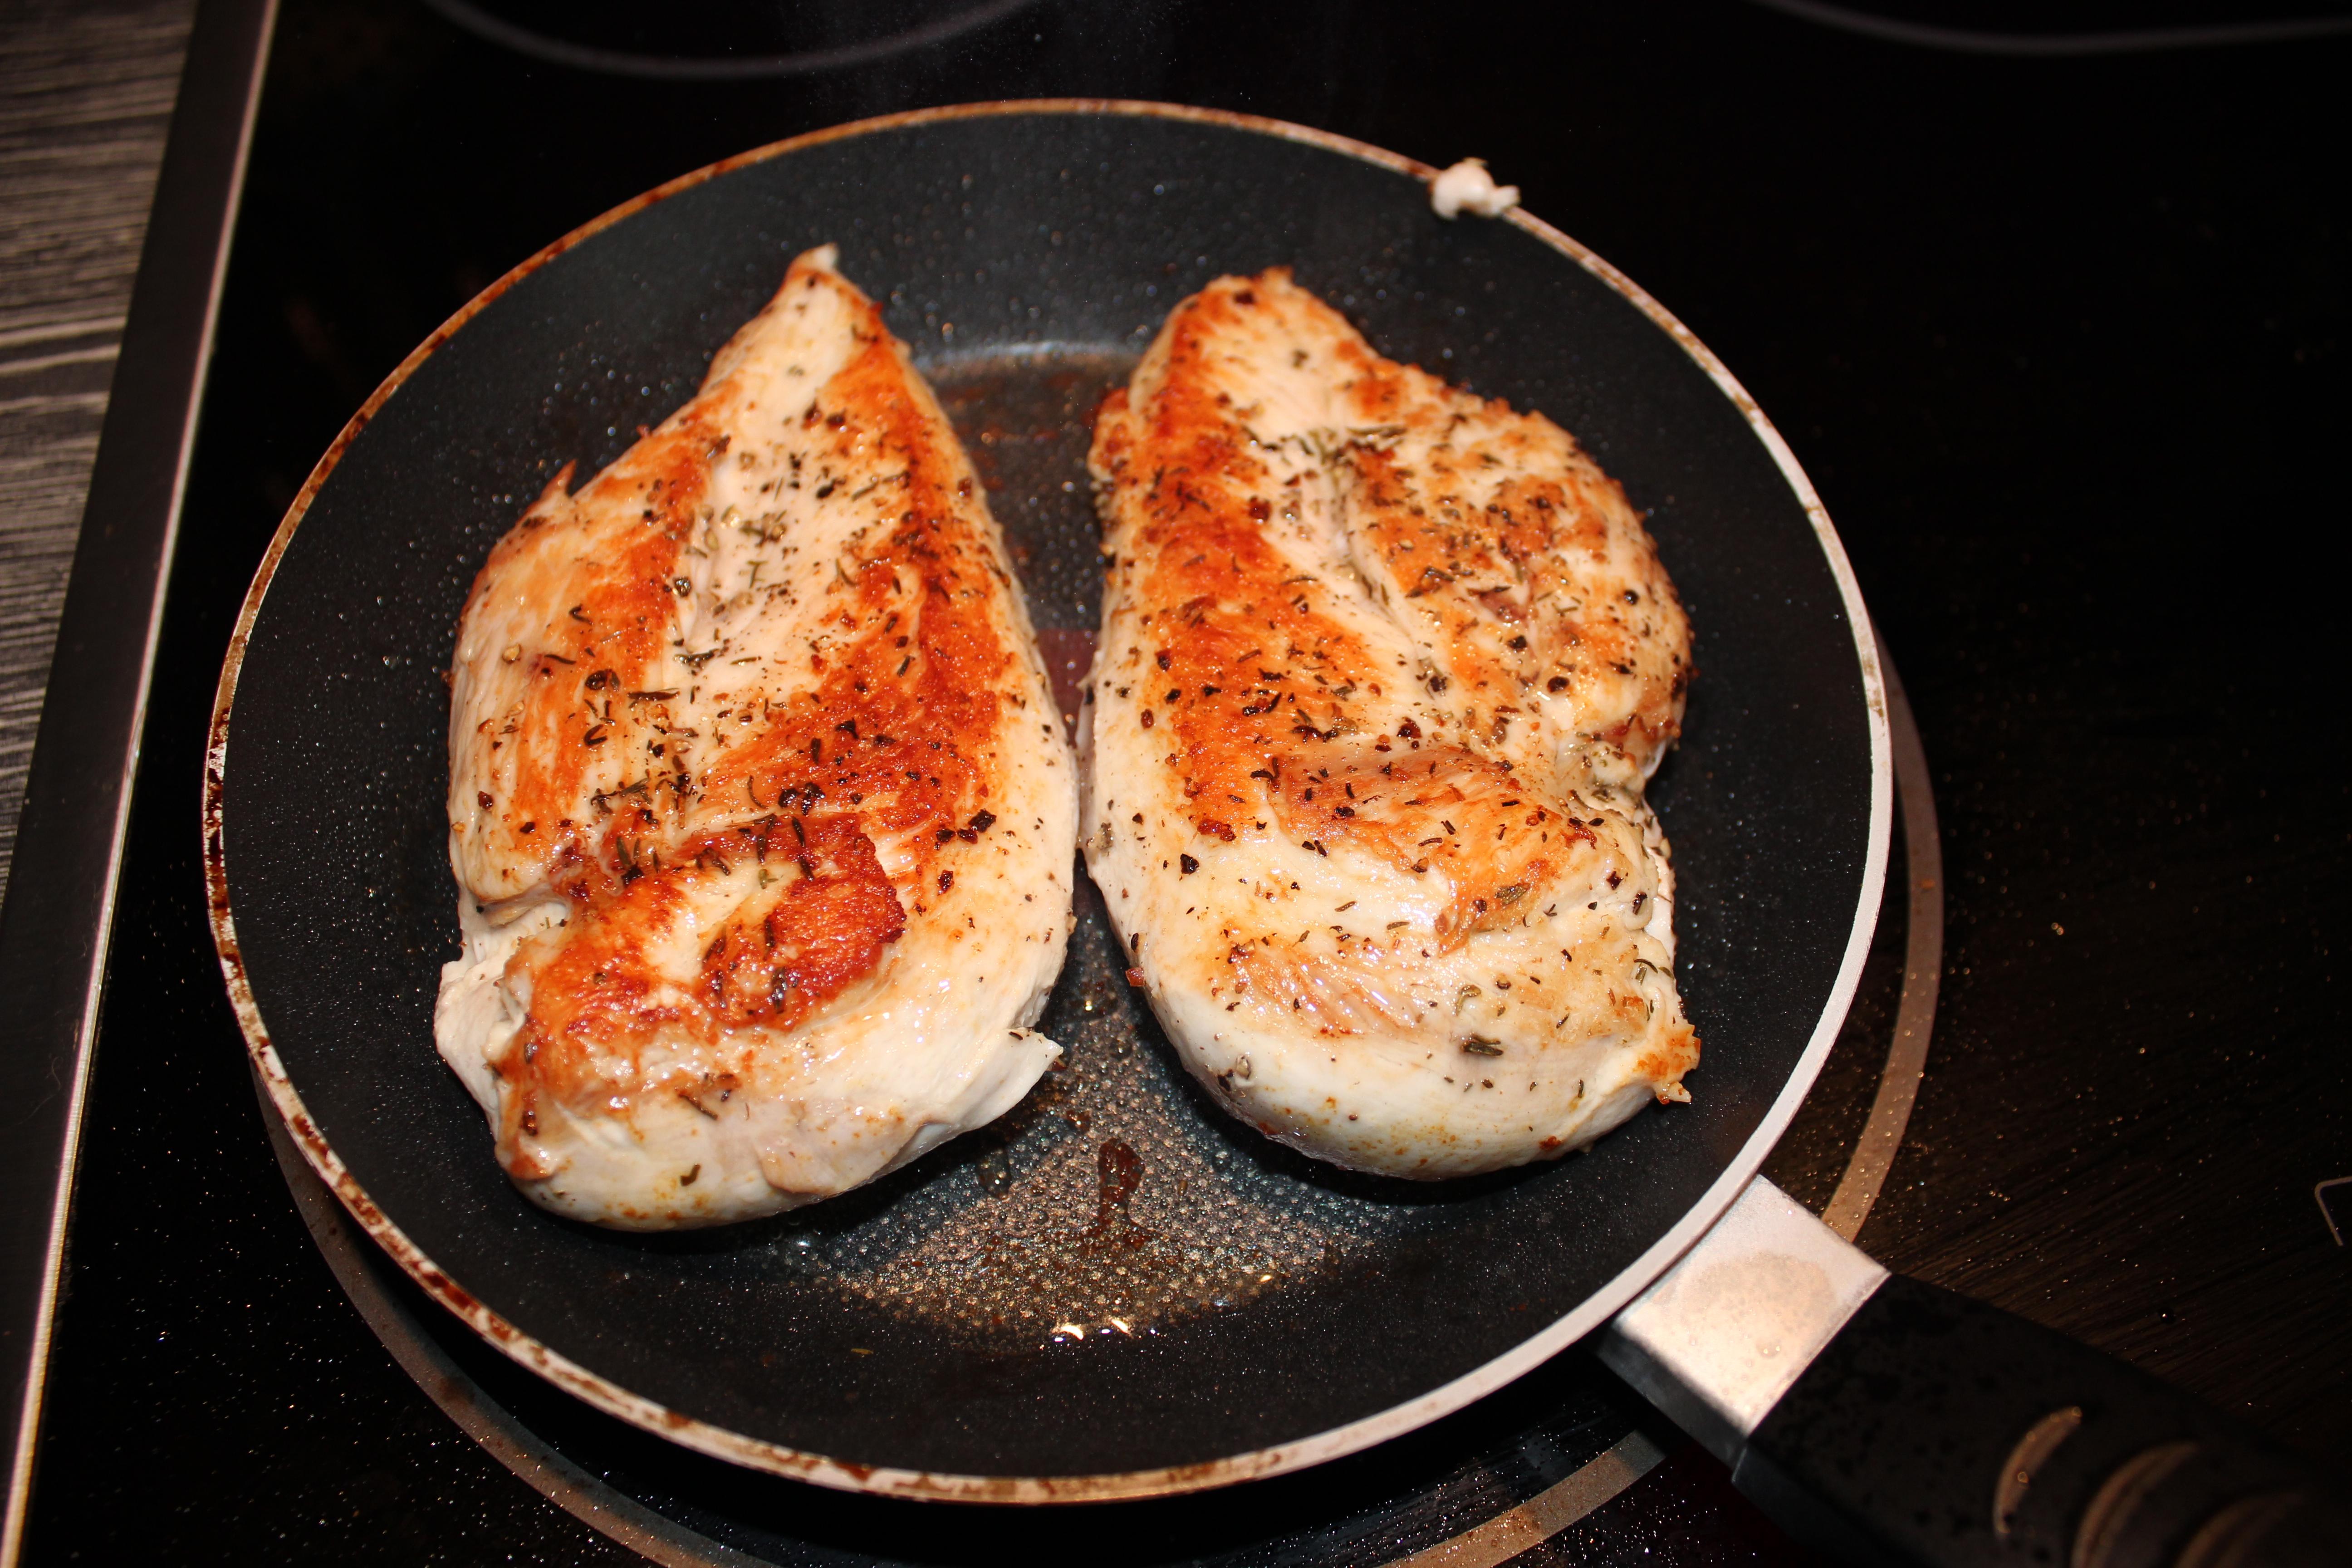 jamie oliver 15 minuten küche rezepte | bnbnews.co